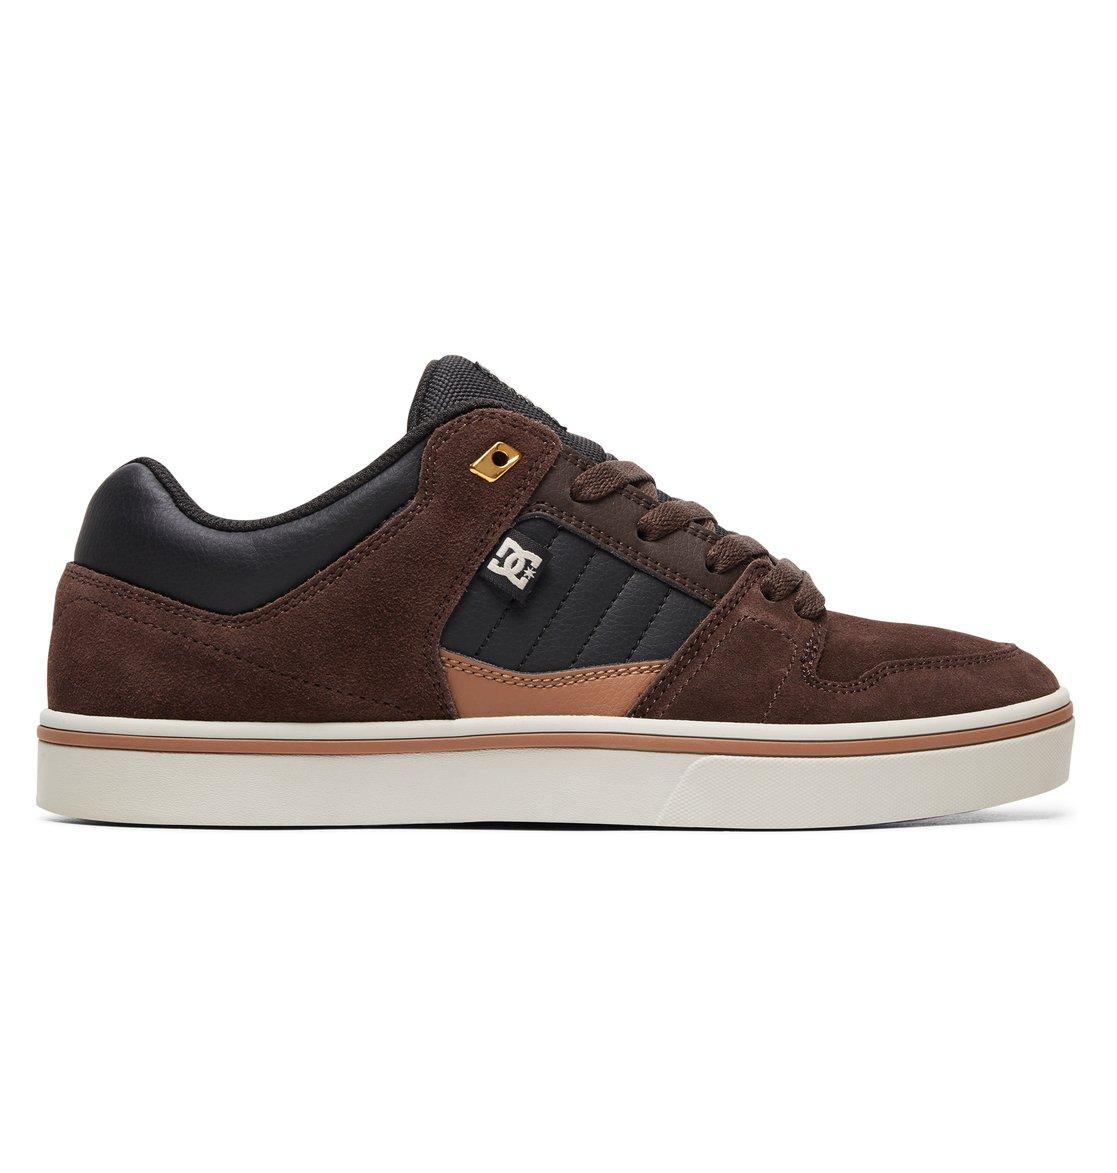 DC Shoes Course - Shoes - Chaussures - Homme - US 8 / UK 7 / EU 40.5 - Marron